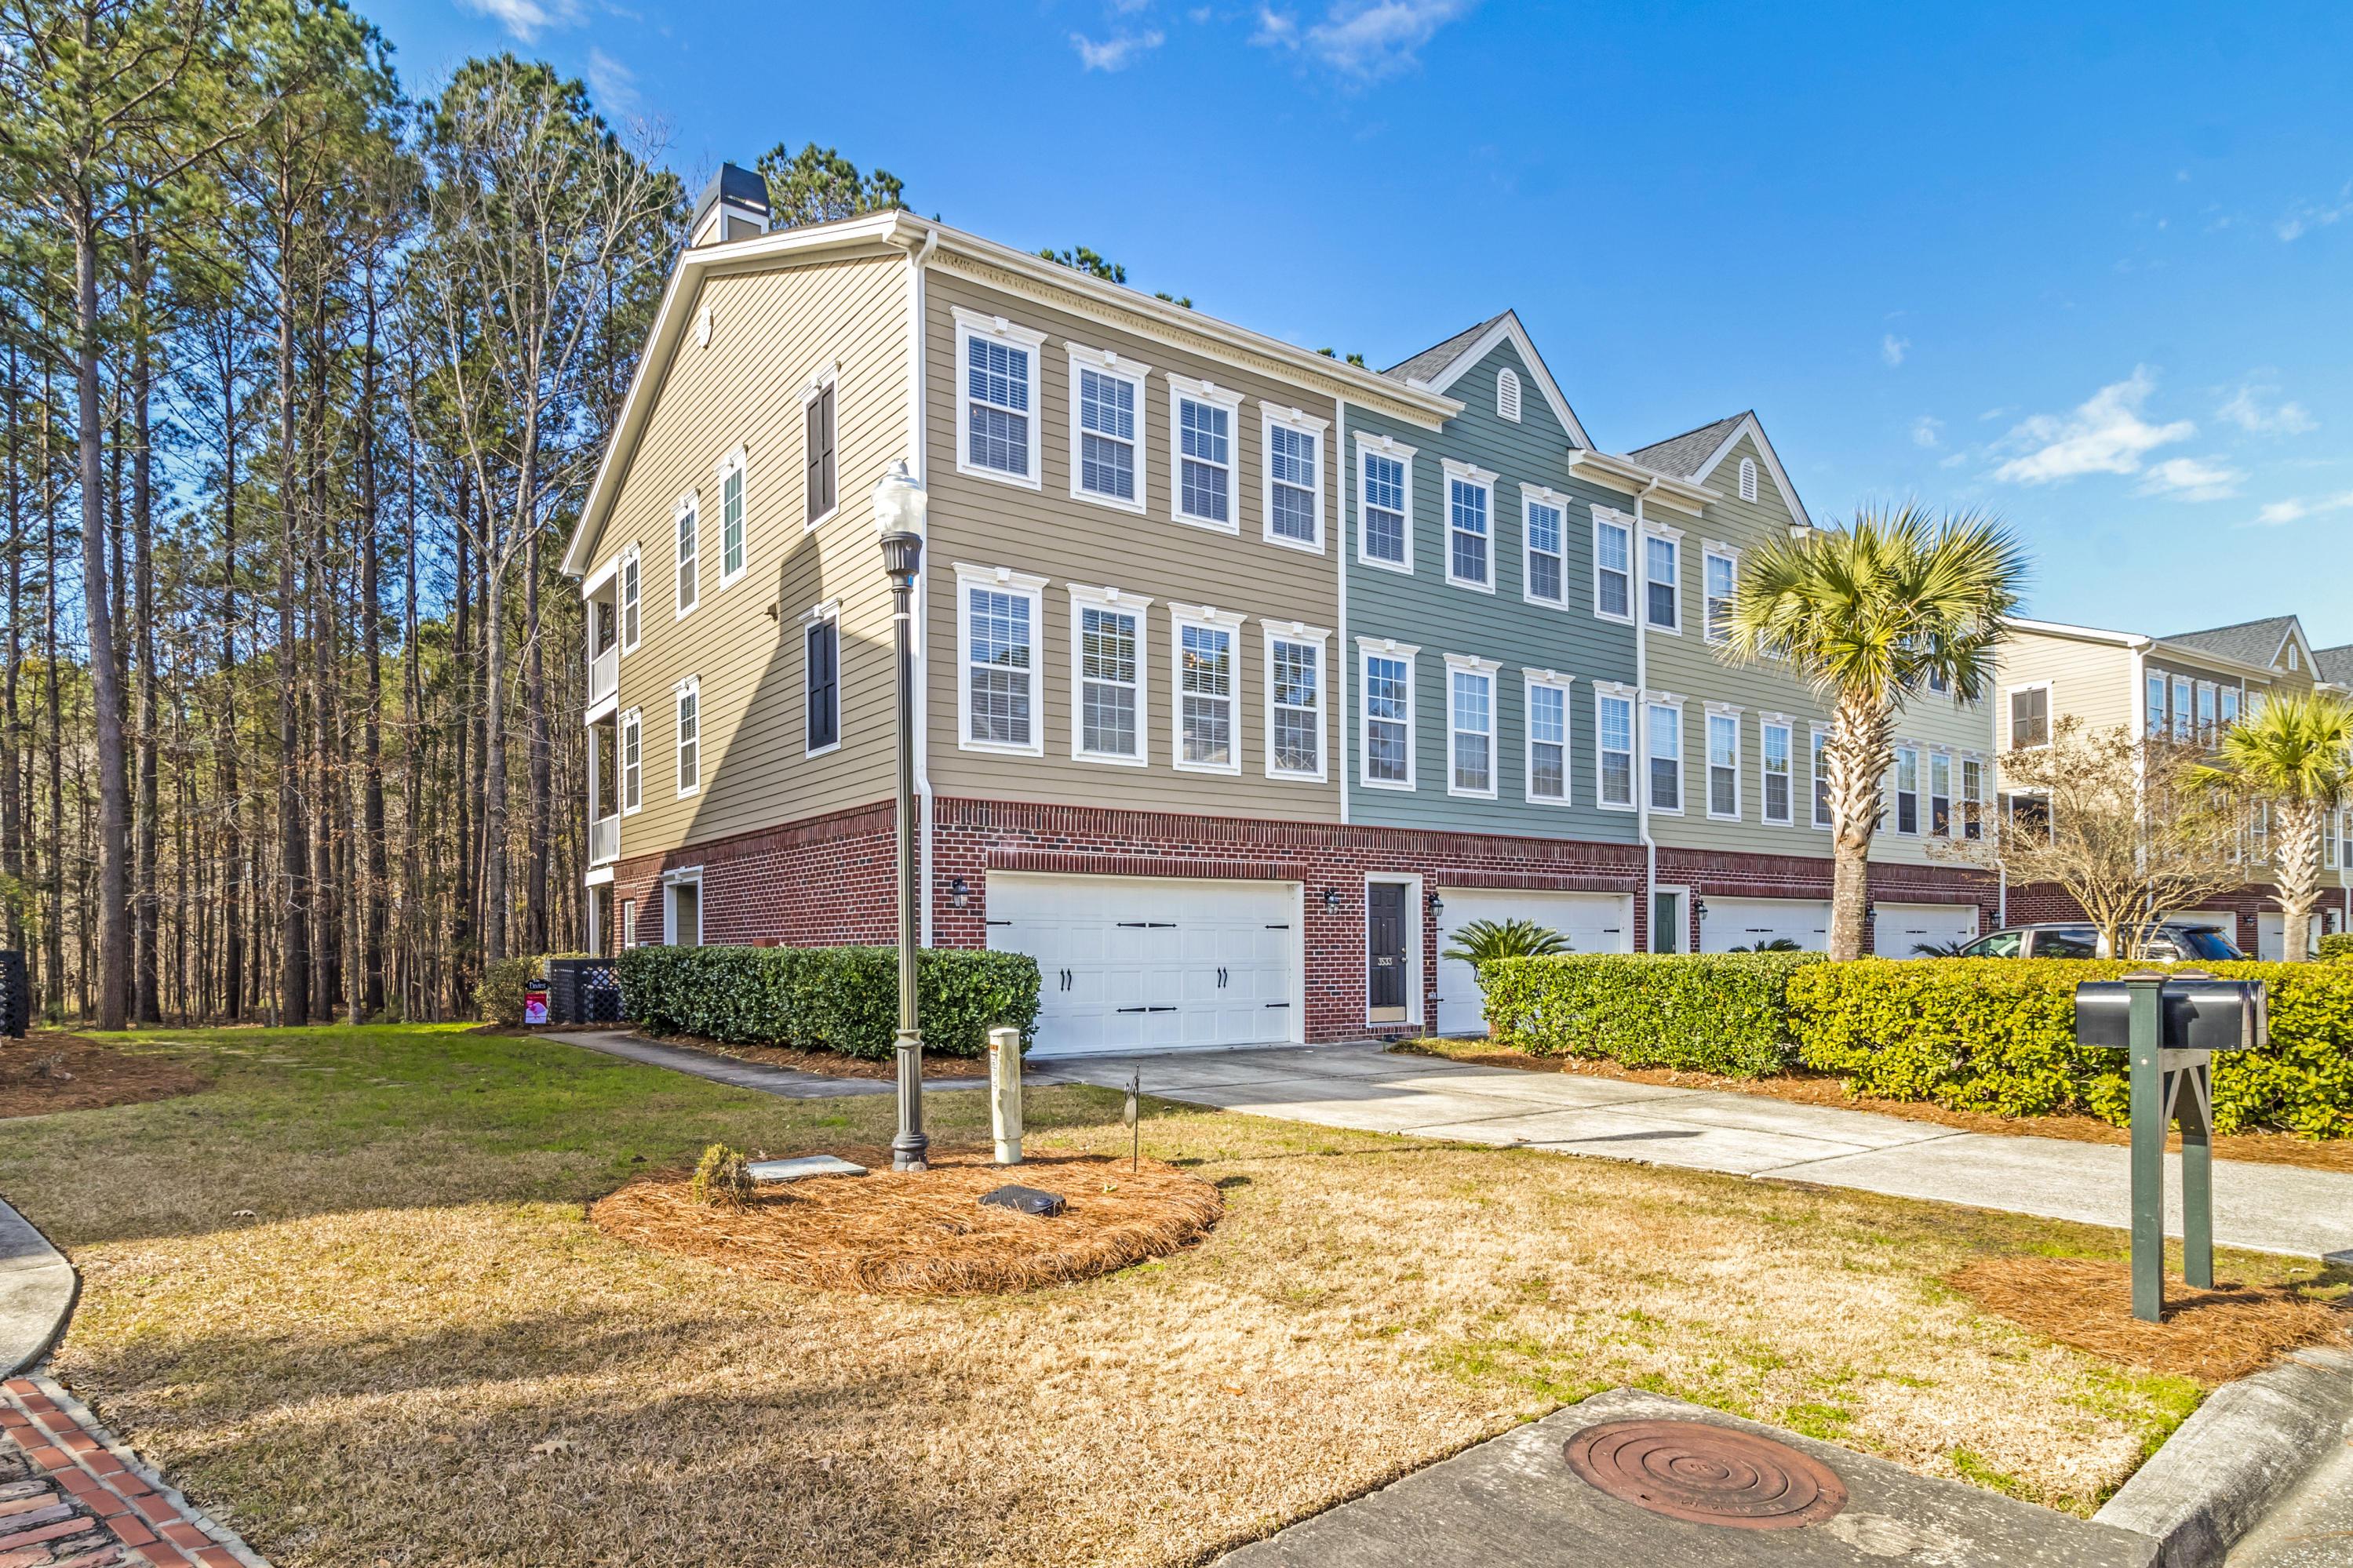 Park West Homes For Sale - 3537 Claremont, Mount Pleasant, SC - 1